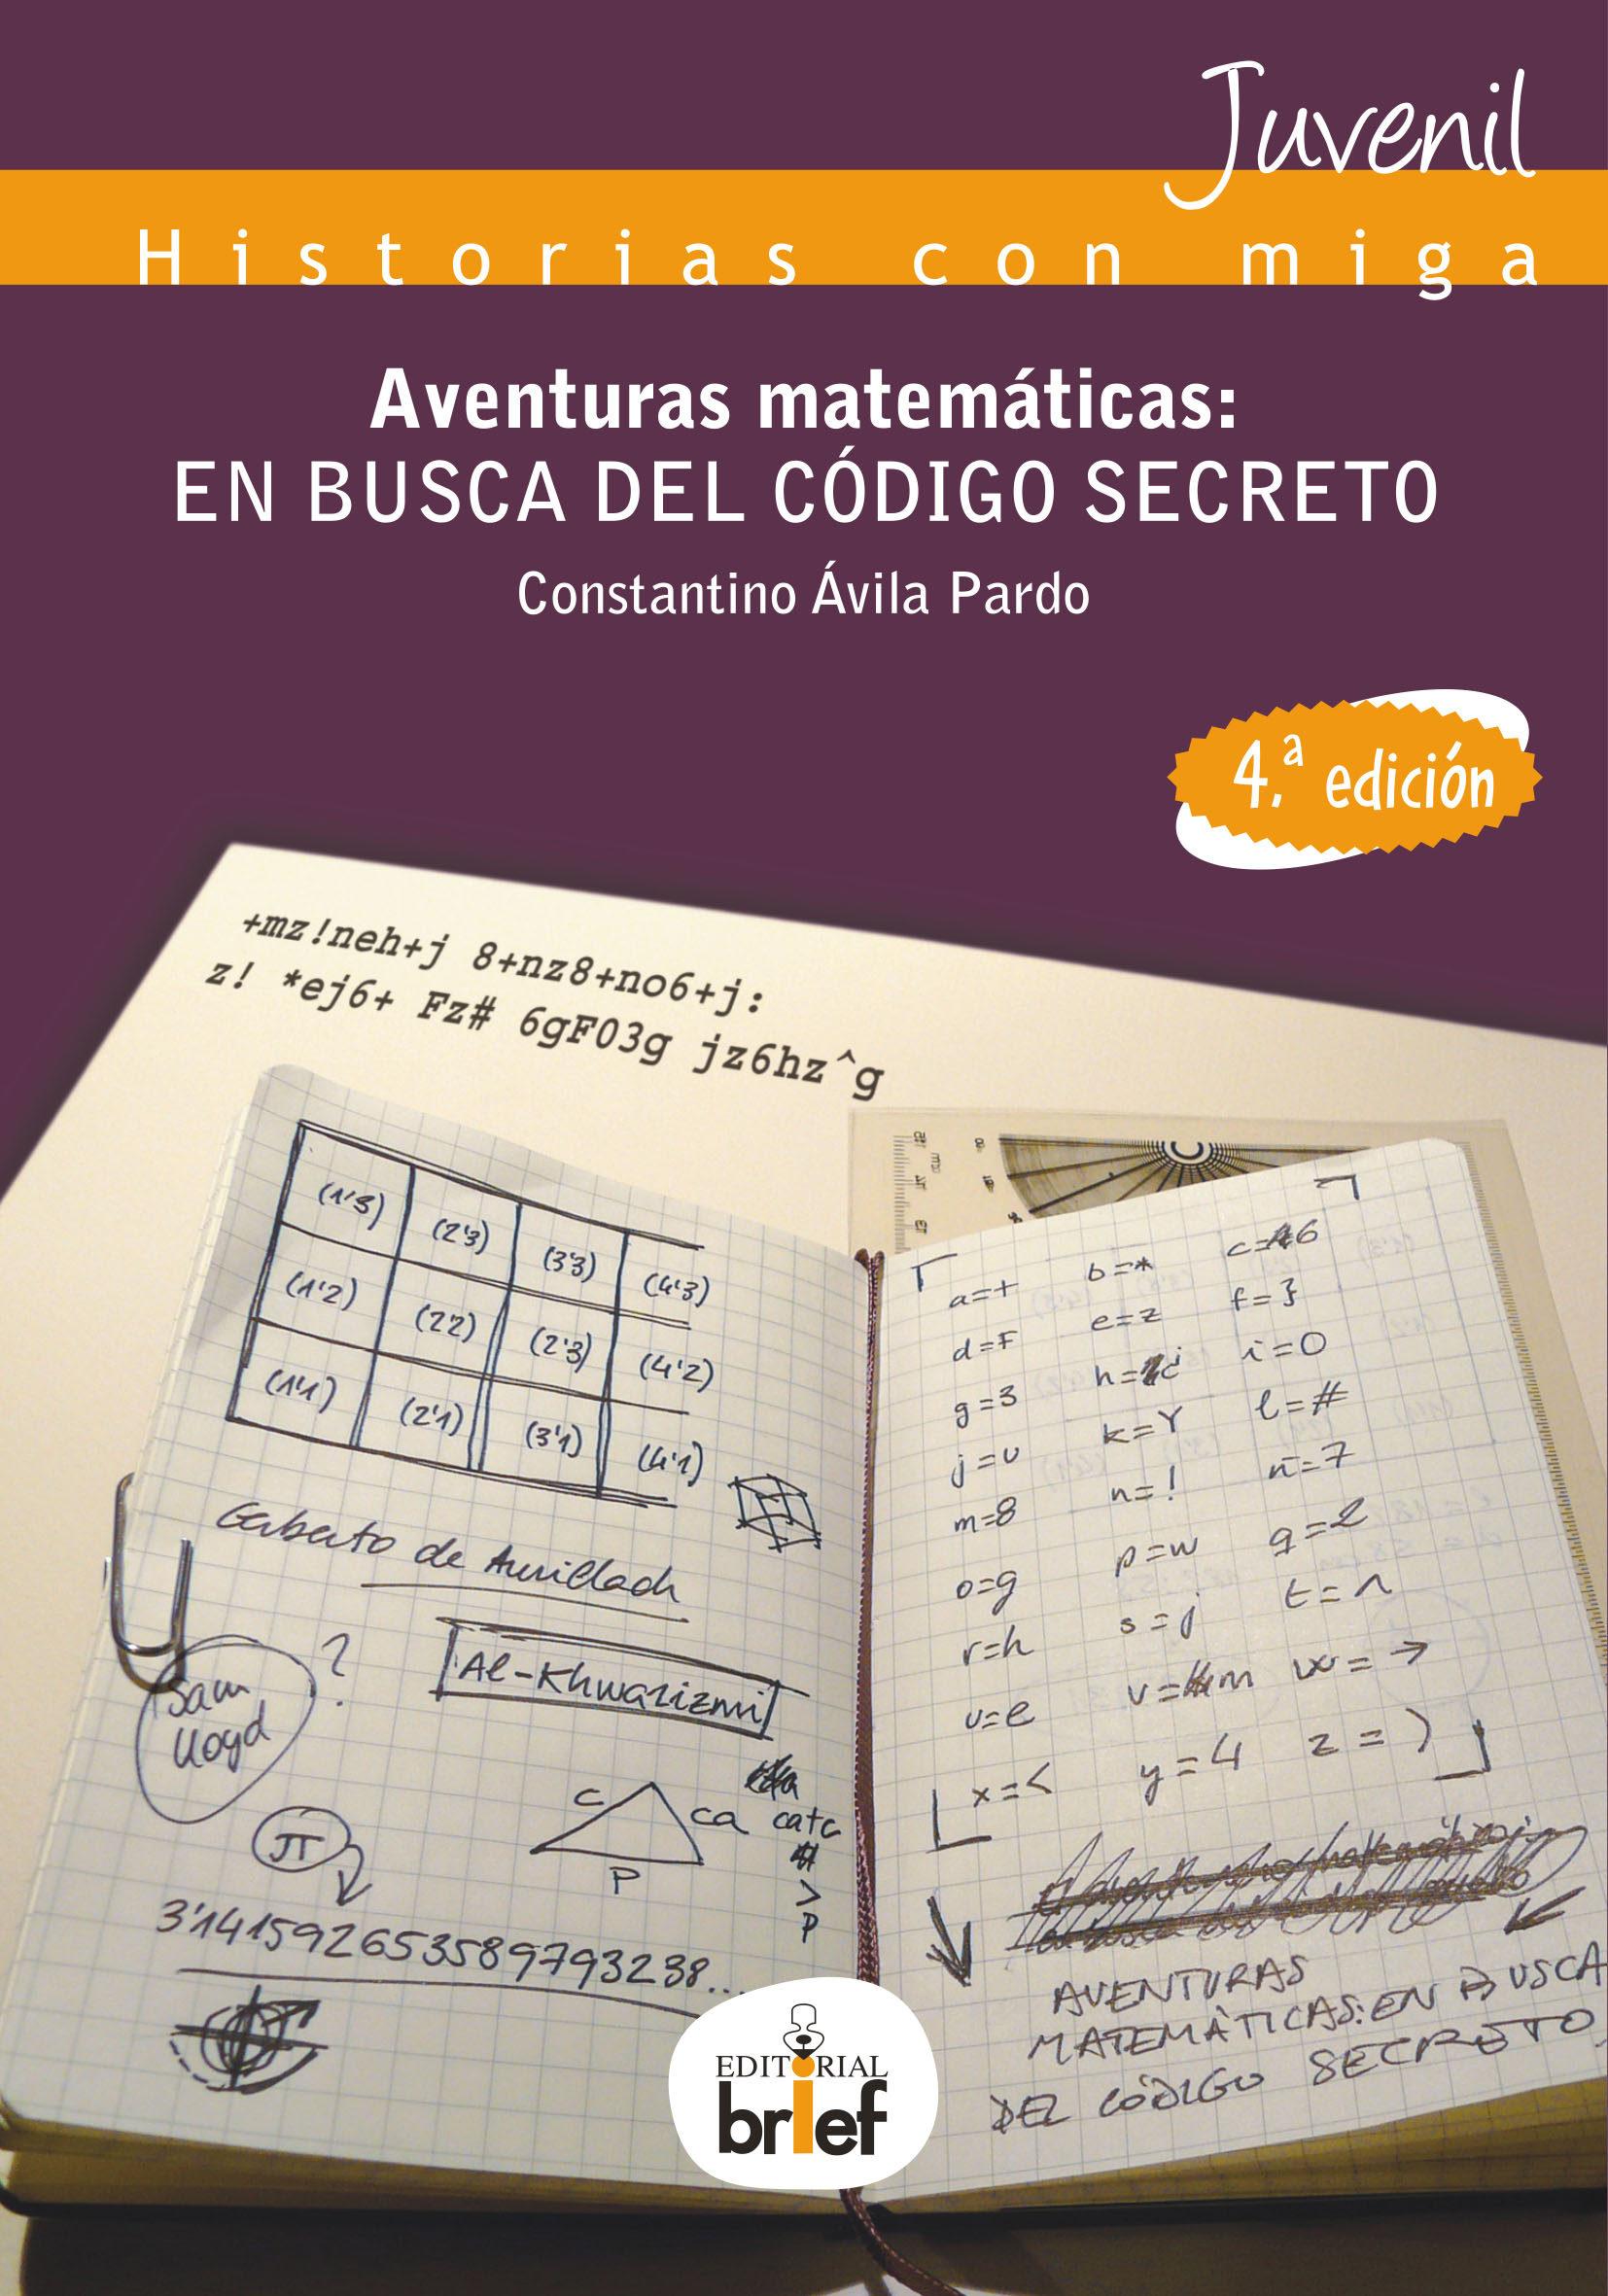 Aventuras matemáticas: en busca del código secreto (historias con miga); constantino Ávila pardo